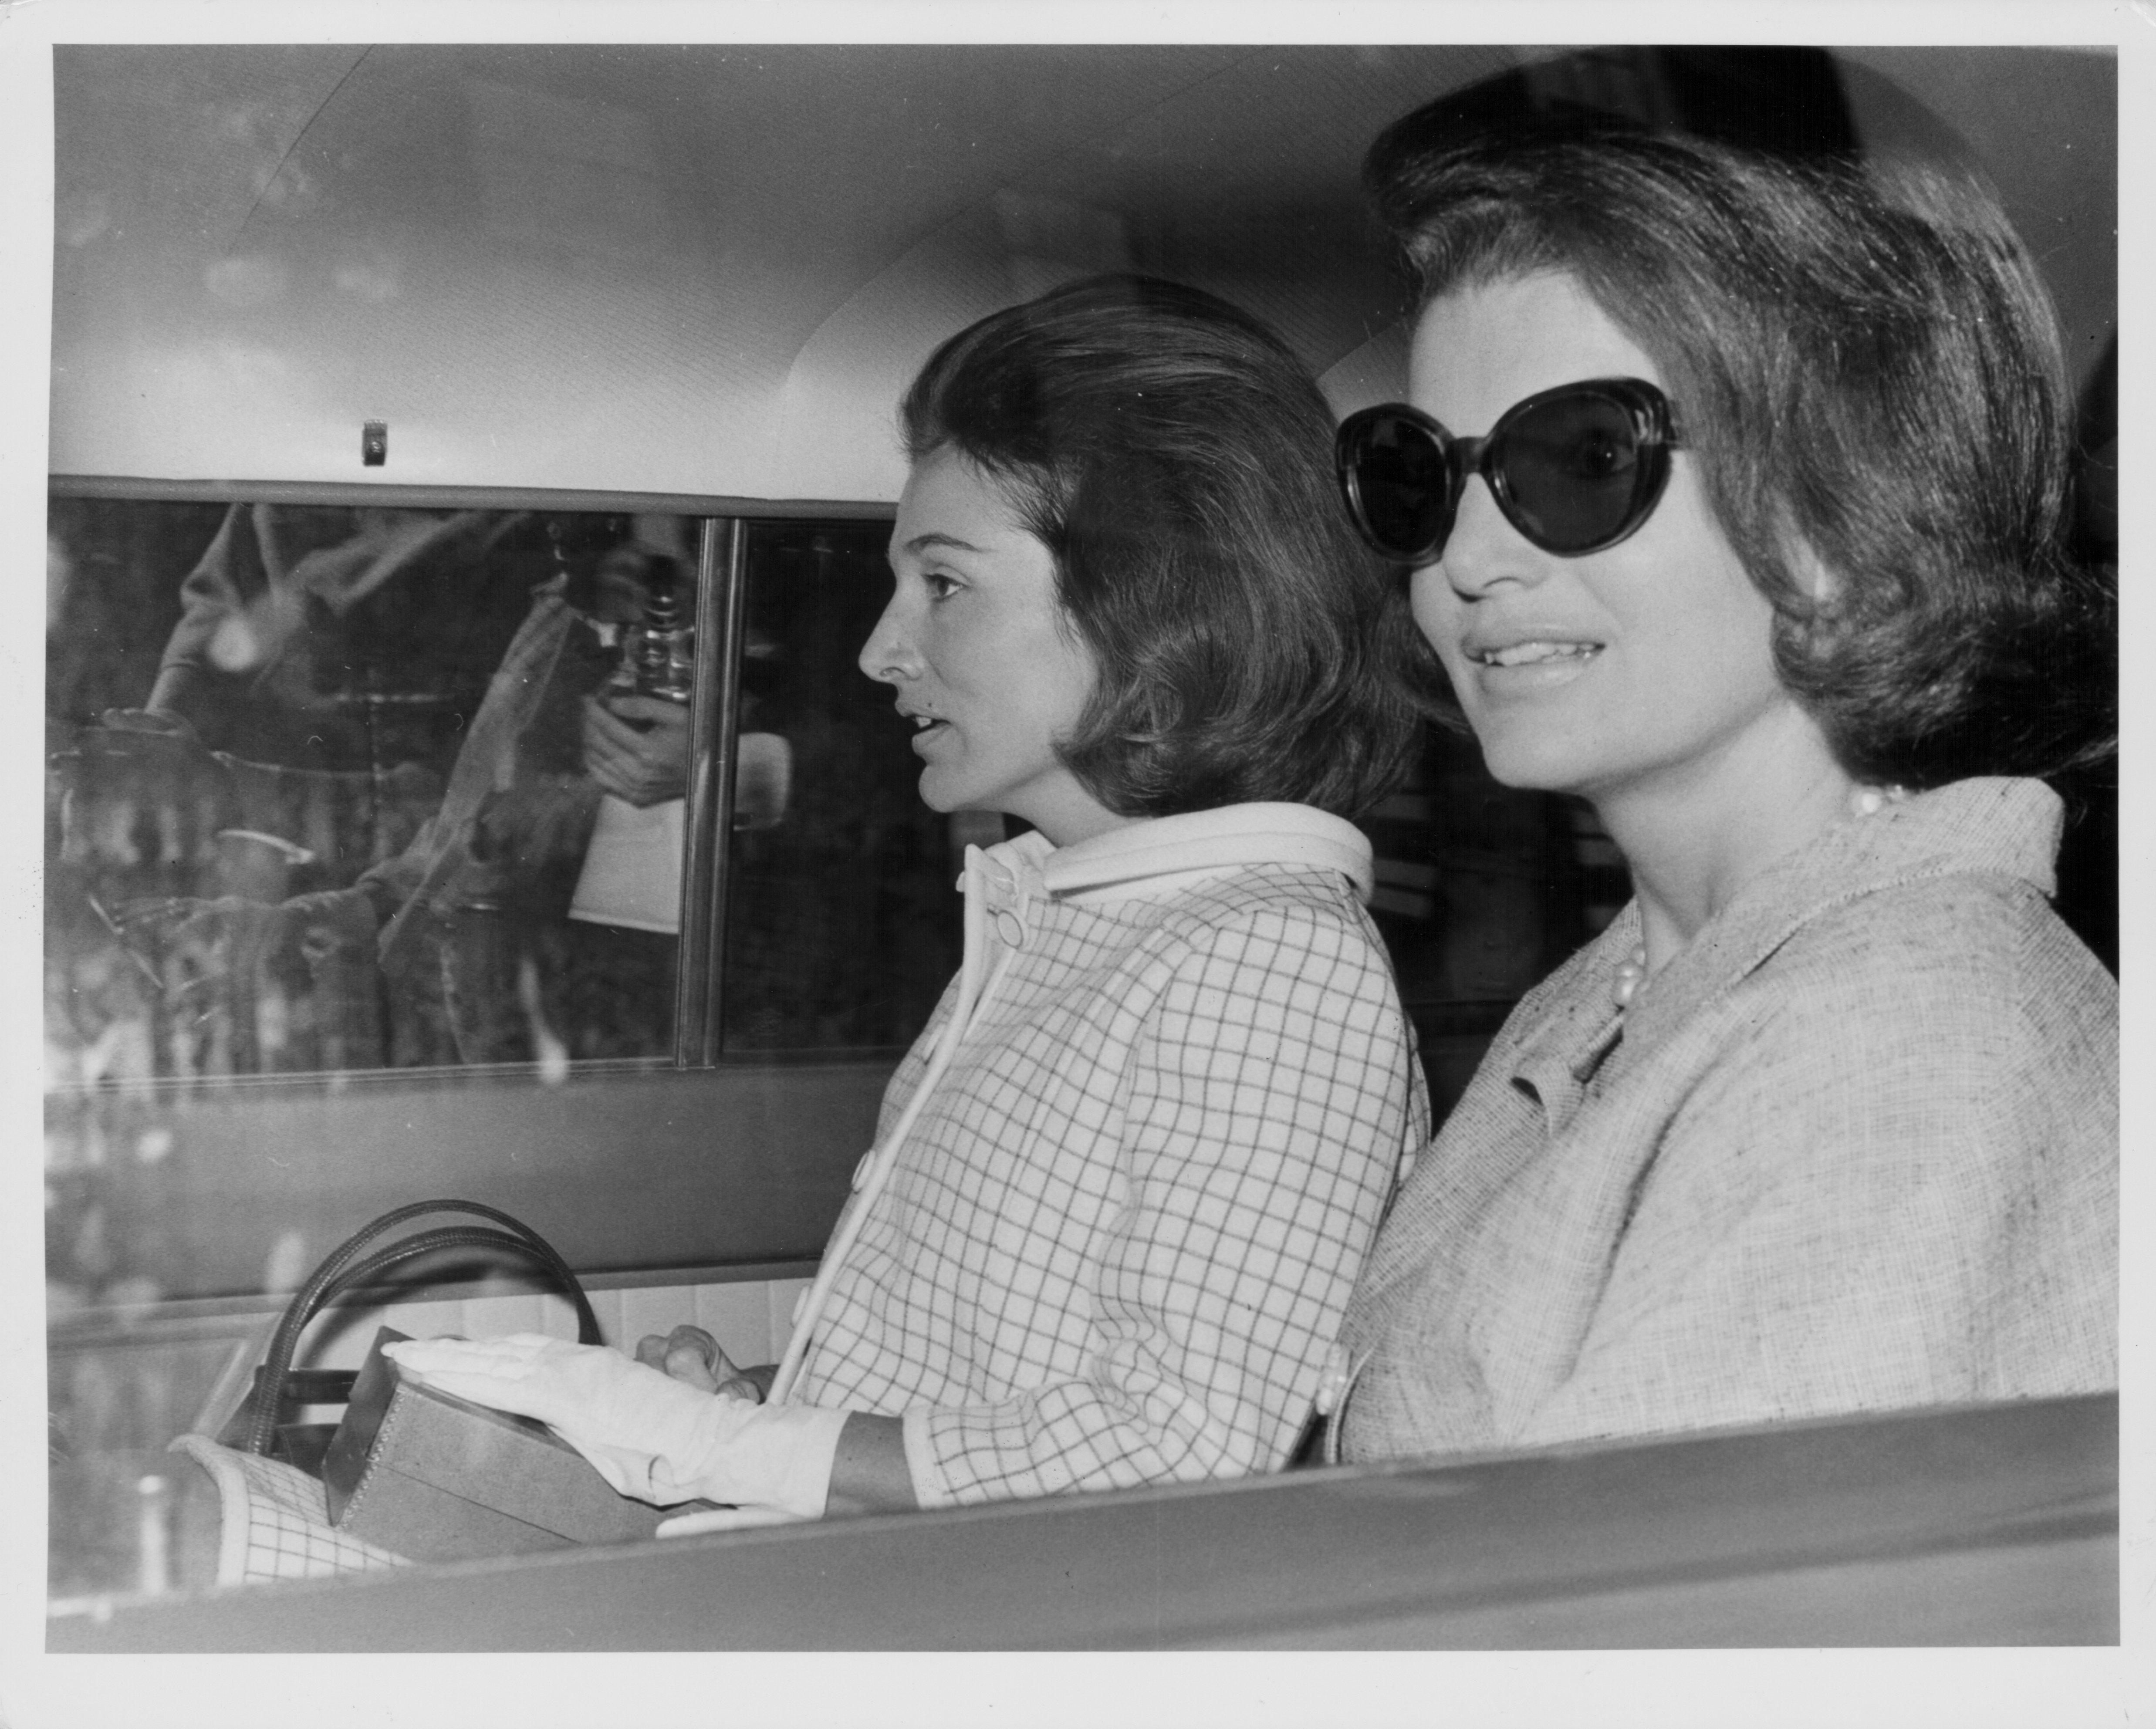 Λι Ράτζιβιλ: Η αδελφή της Τζάκι Κένεντι και η μυθιστορηματική ζωή μιας πριγκίπισσας